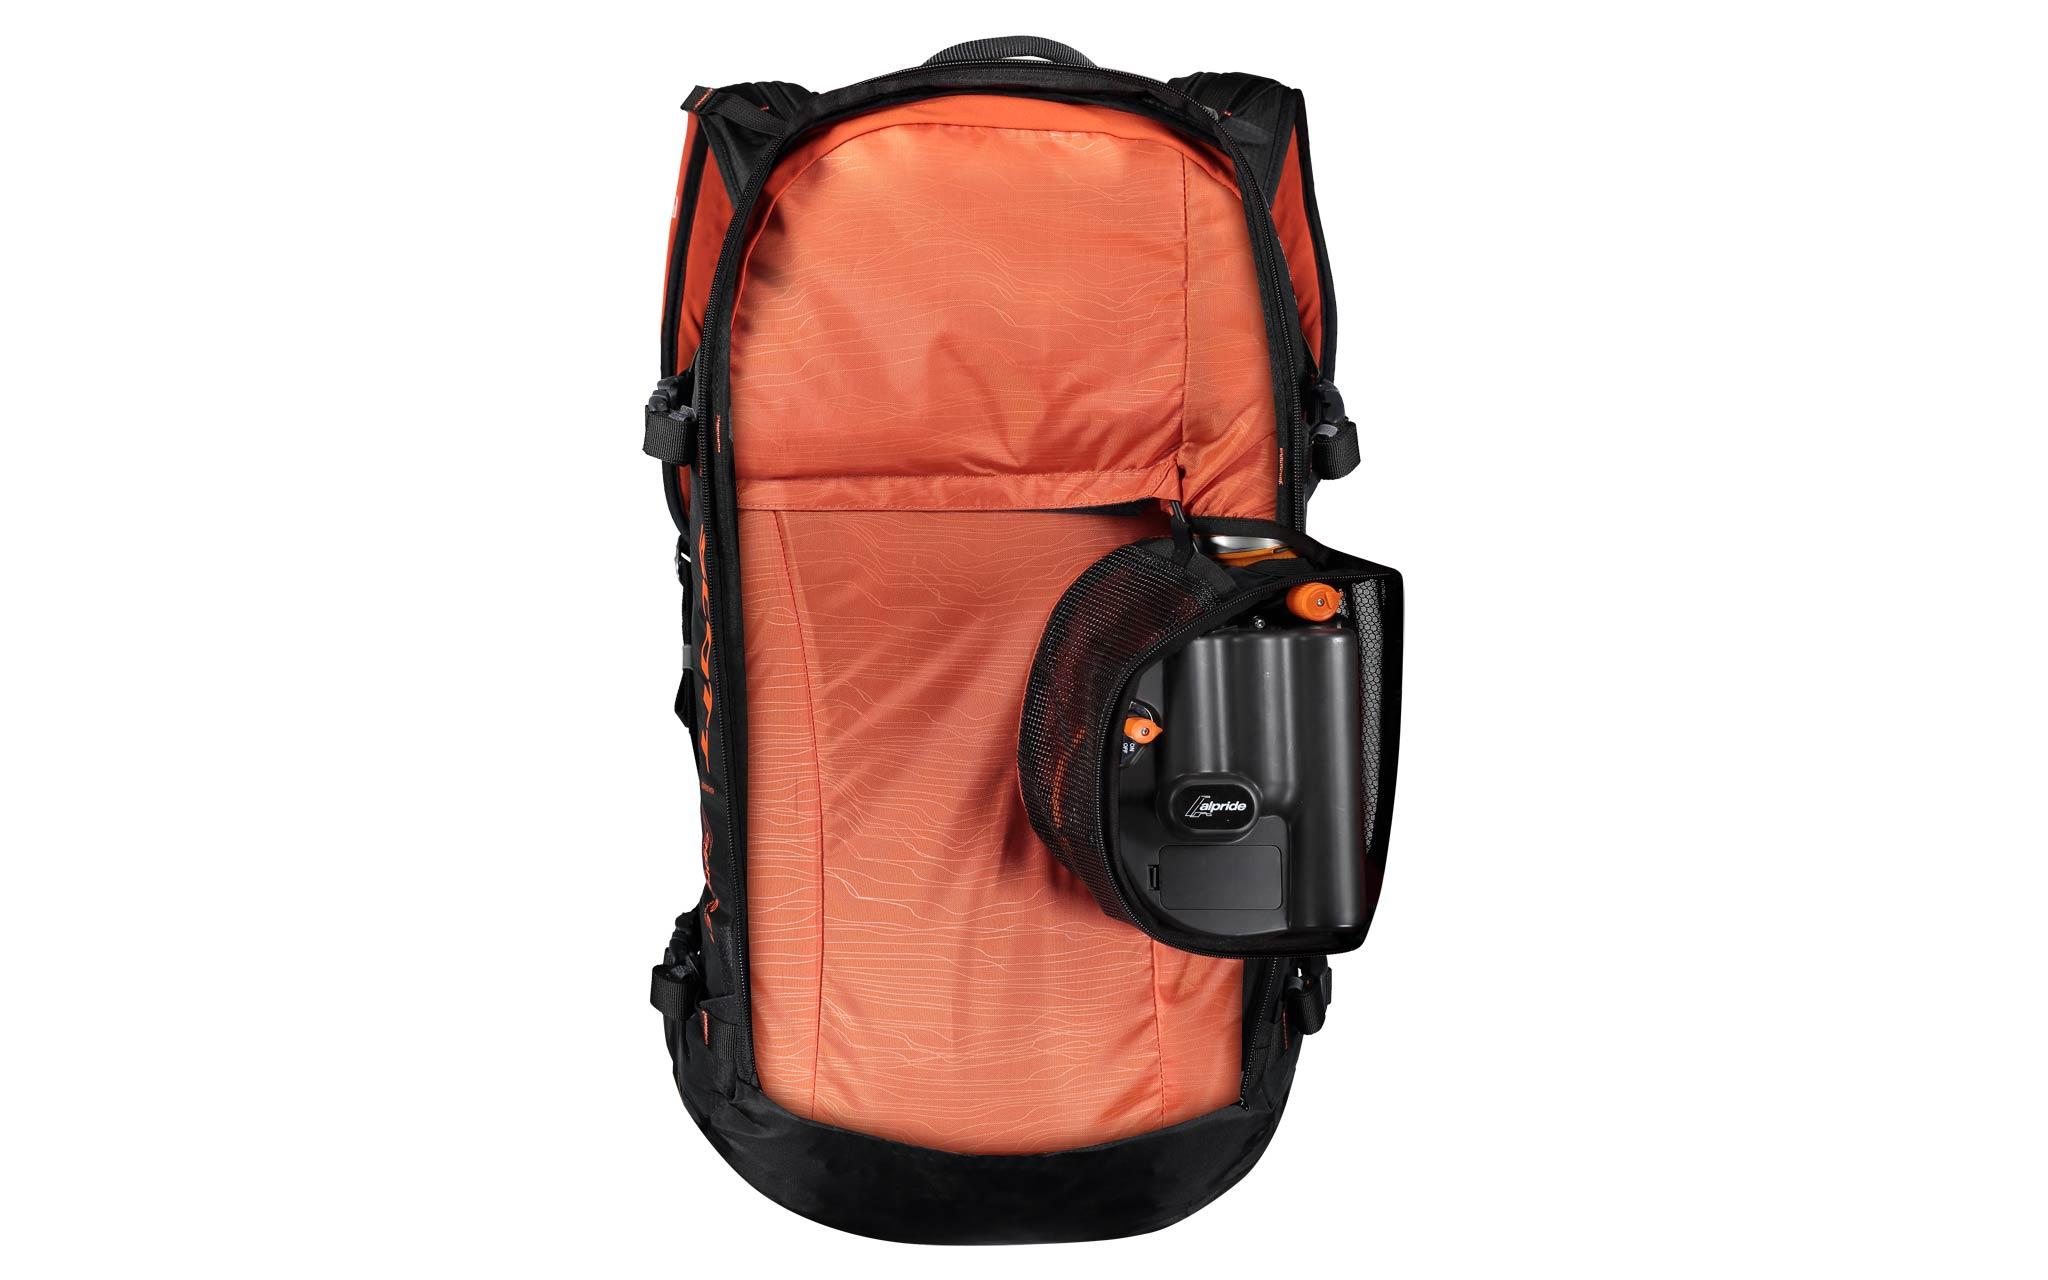 Scott 2019/2020 - Alpride E1 Airbag-System